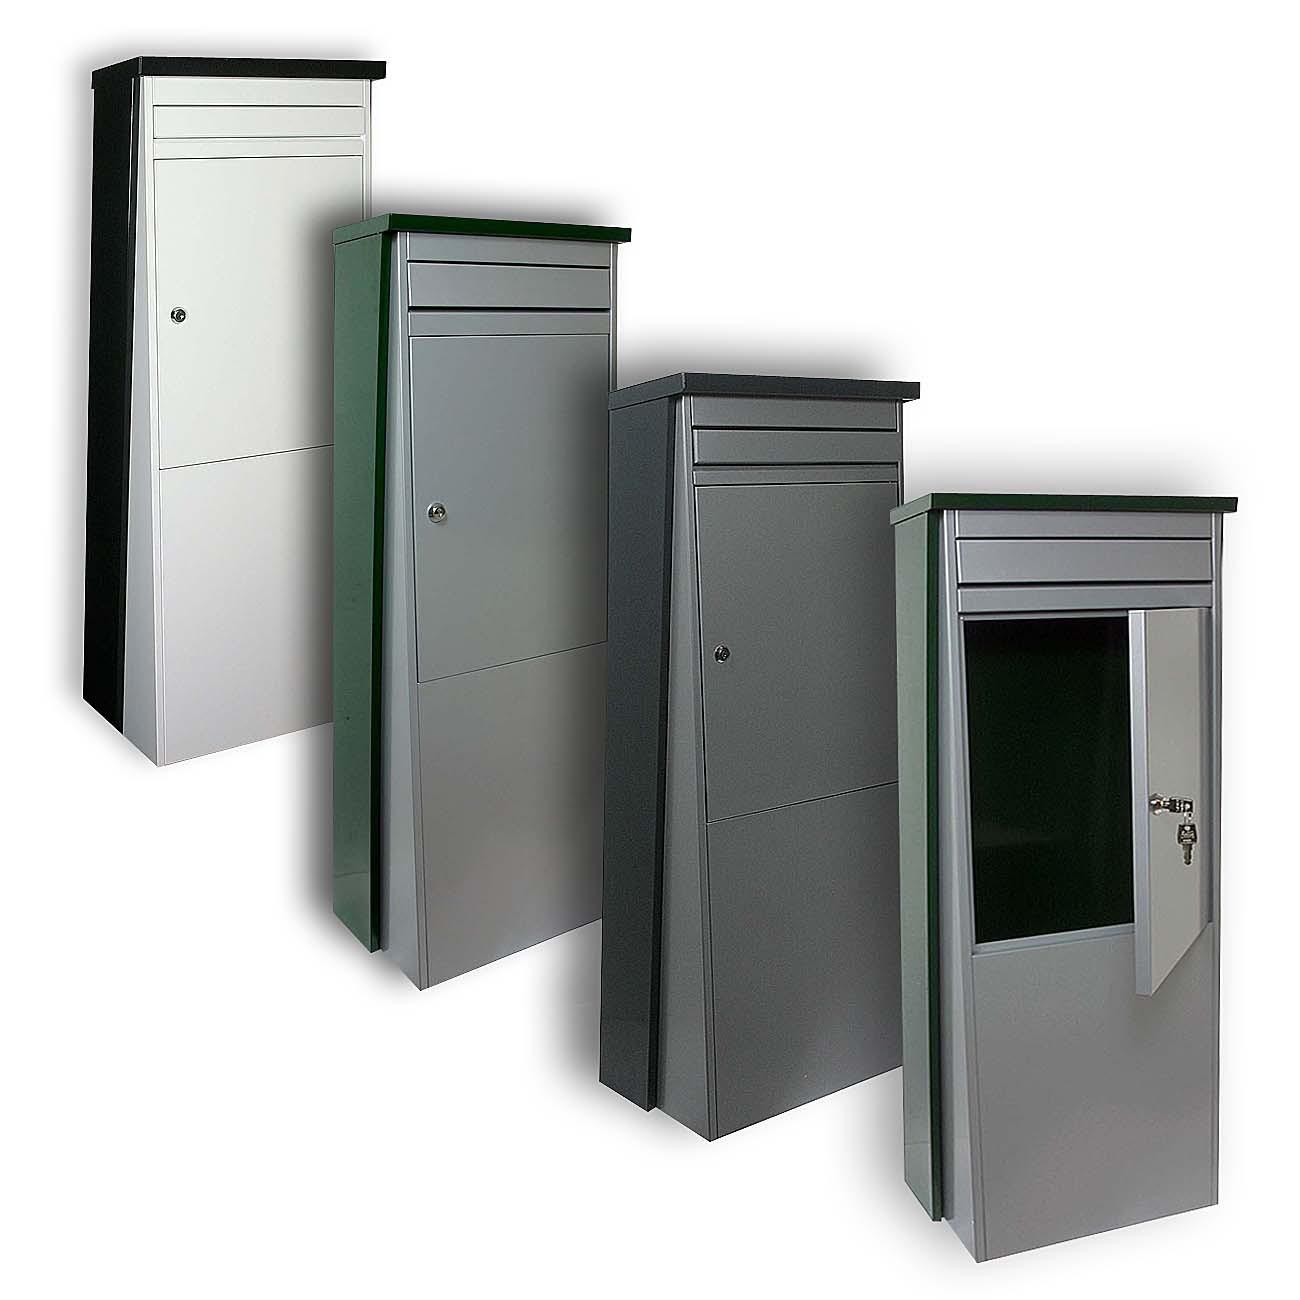 safepost eurotrend no 1 gro er standbriefkasten anthrazit silbergrau 100 x 35 5 cm briefkasten. Black Bedroom Furniture Sets. Home Design Ideas